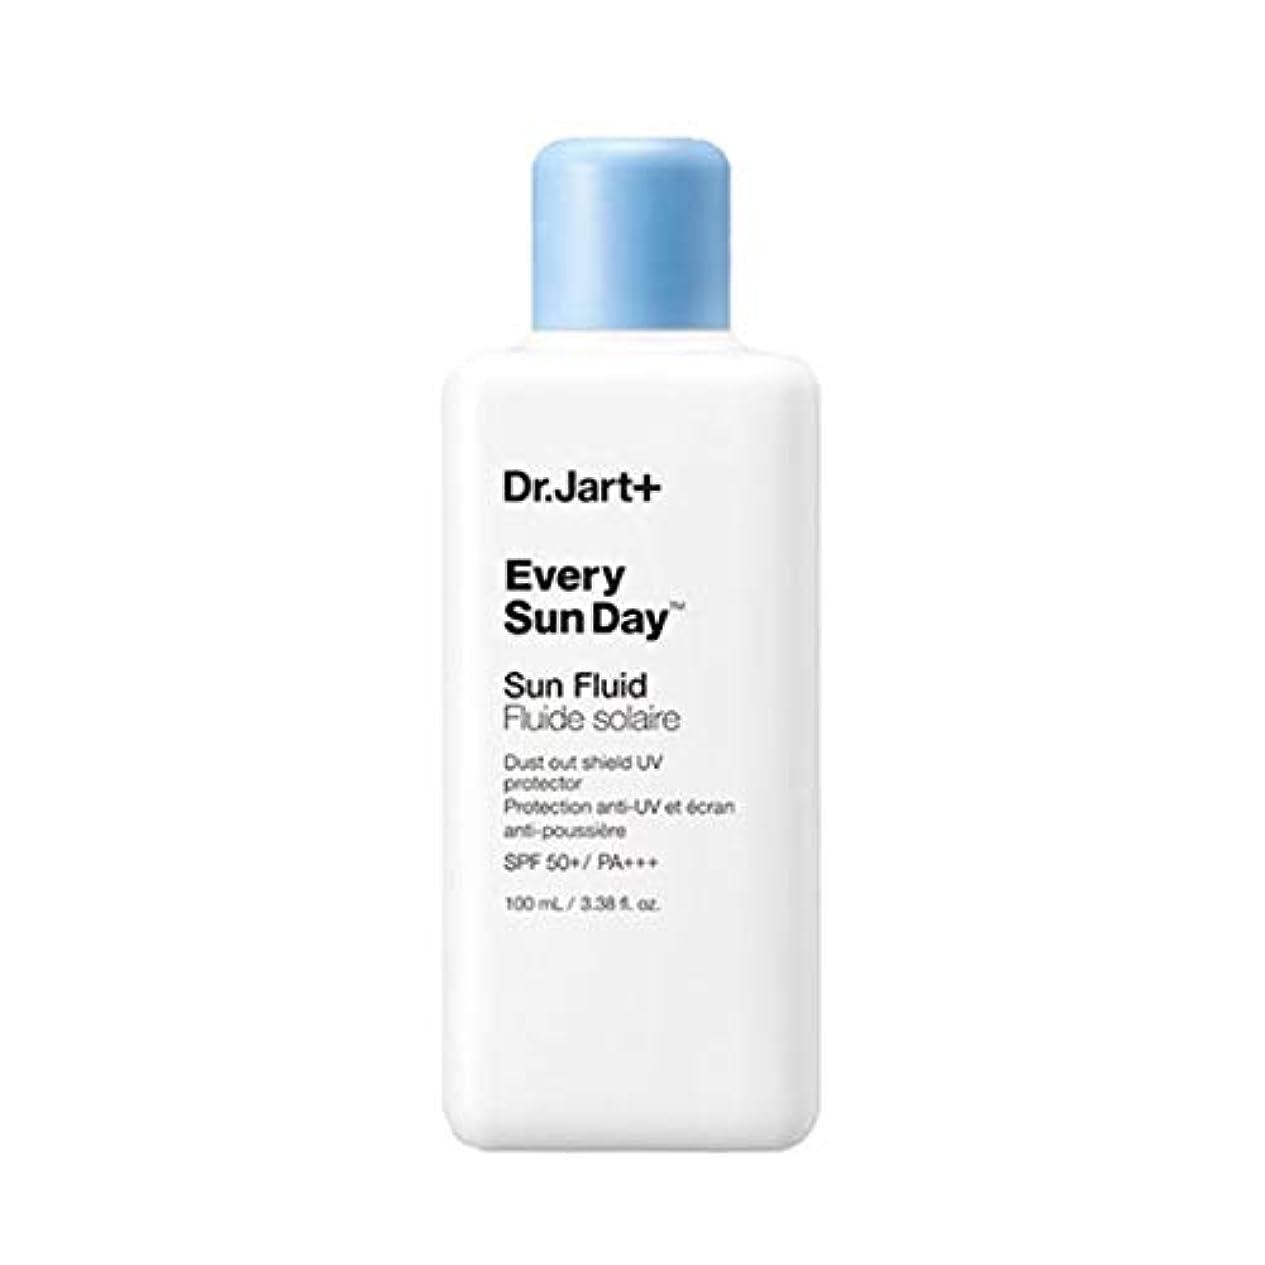 明快清める電信ドクタージャルトゥエヴリサンデーソンプルルイドゥSPF50+PA+++100mlソンクリム、Dr.Jart Every Sun Day Sun Fluid SPF50+ PA+++ 100ml Sun Cream [並行輸入品]